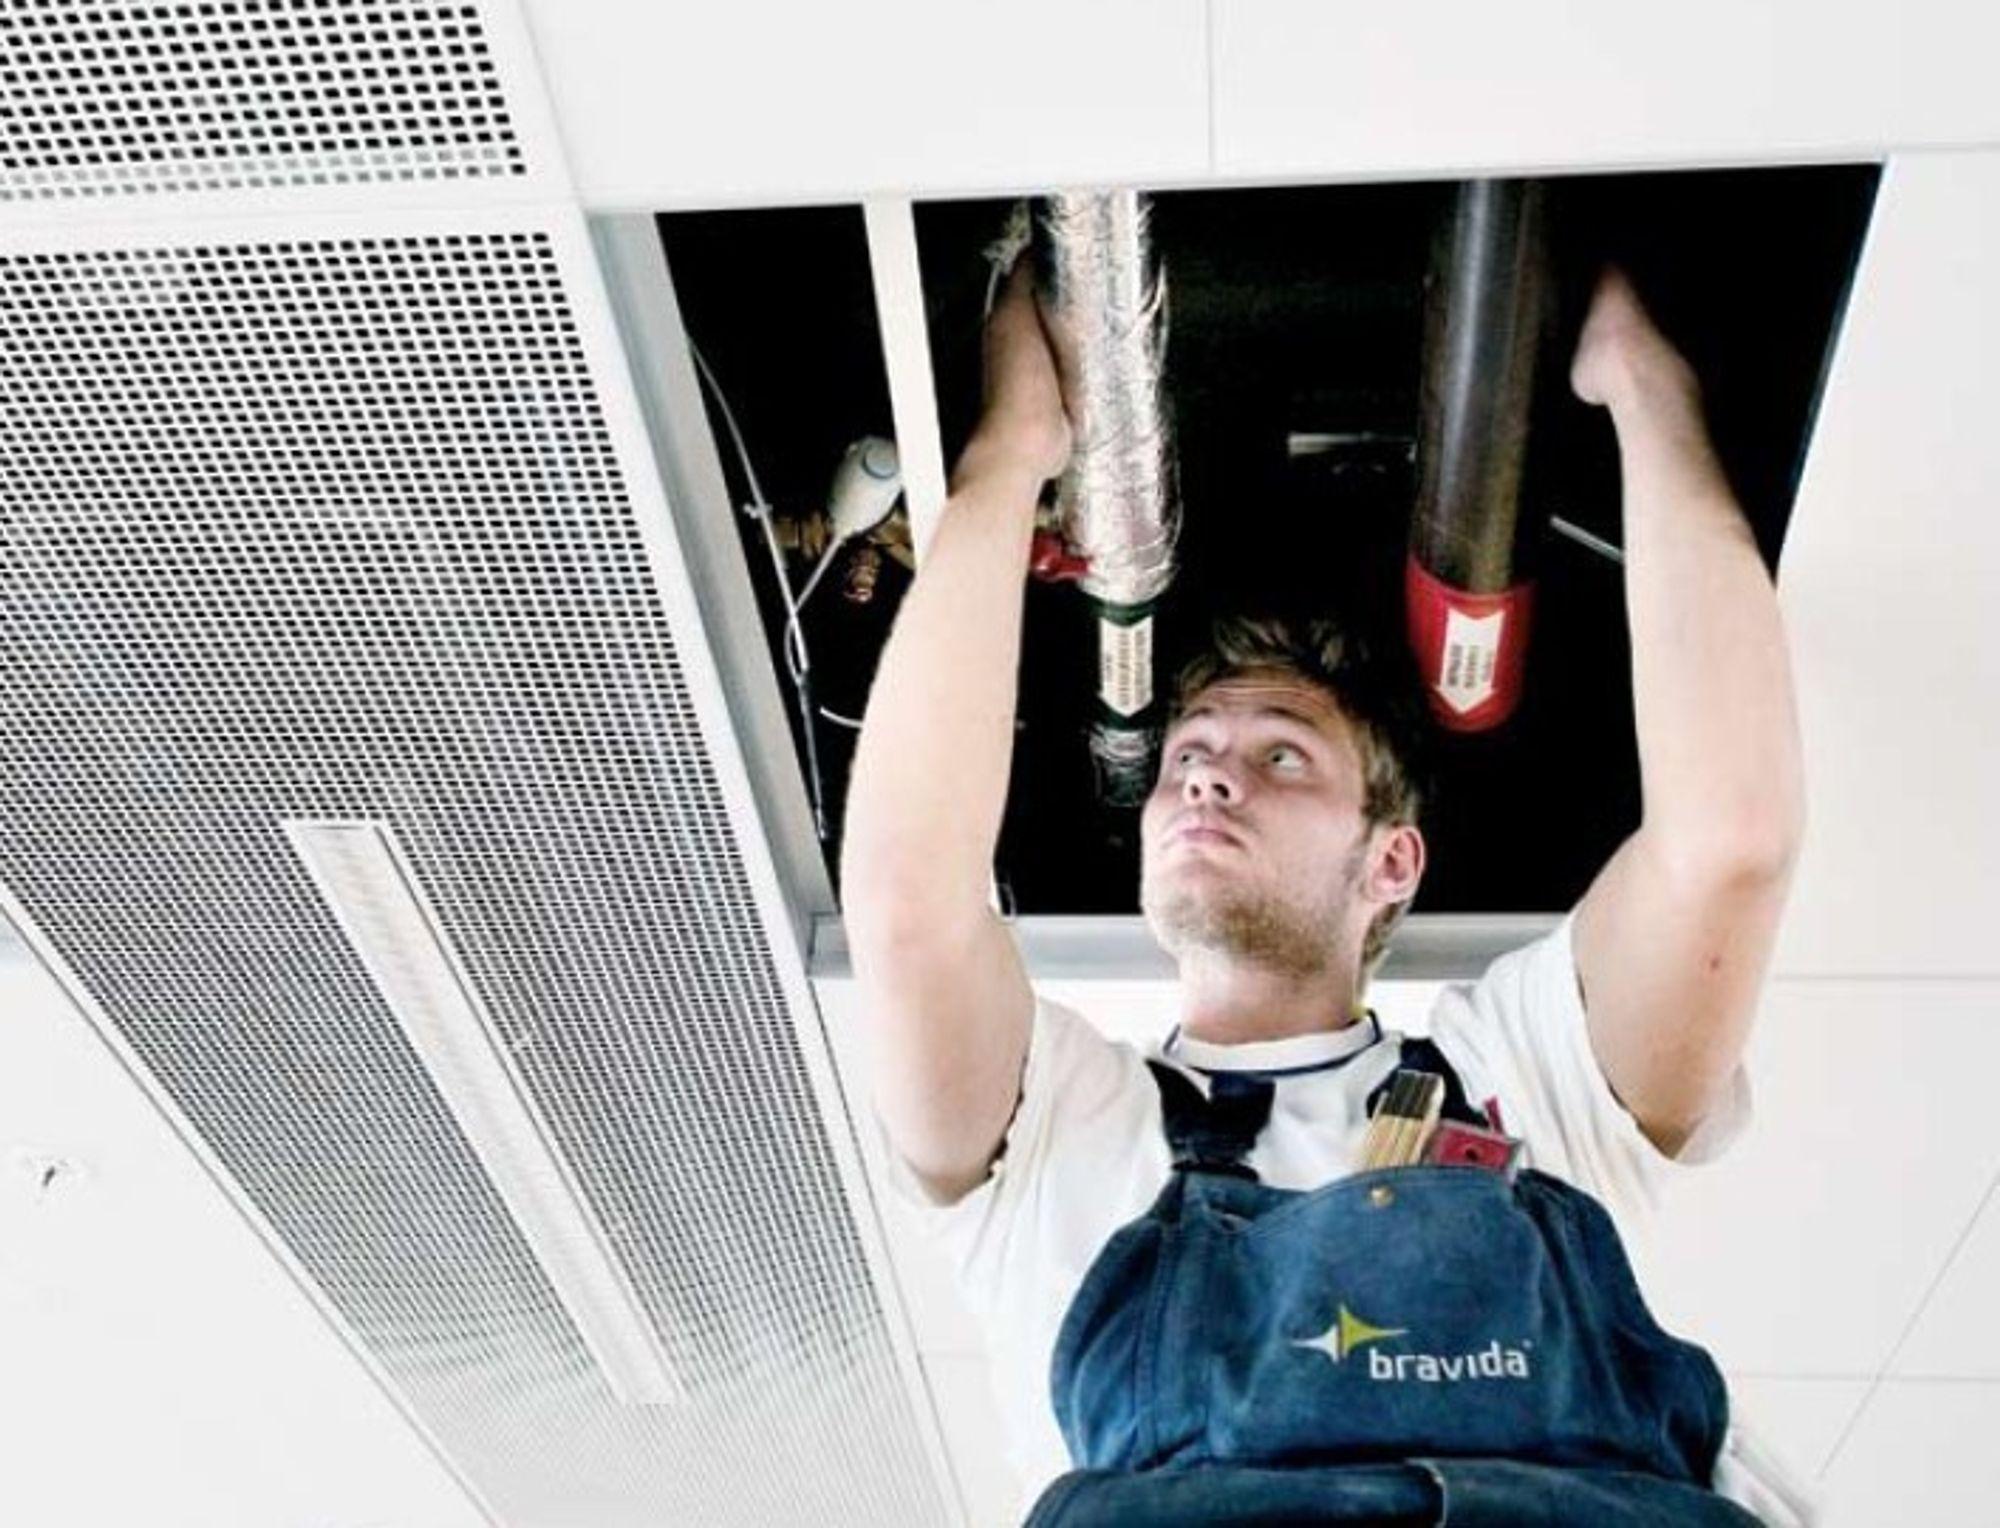 RYDDESJAU: 50 av Bravidas 1300 ansatte kan måtte gå. I dag starter ryddesjauen i det skadeskutte selskapet.